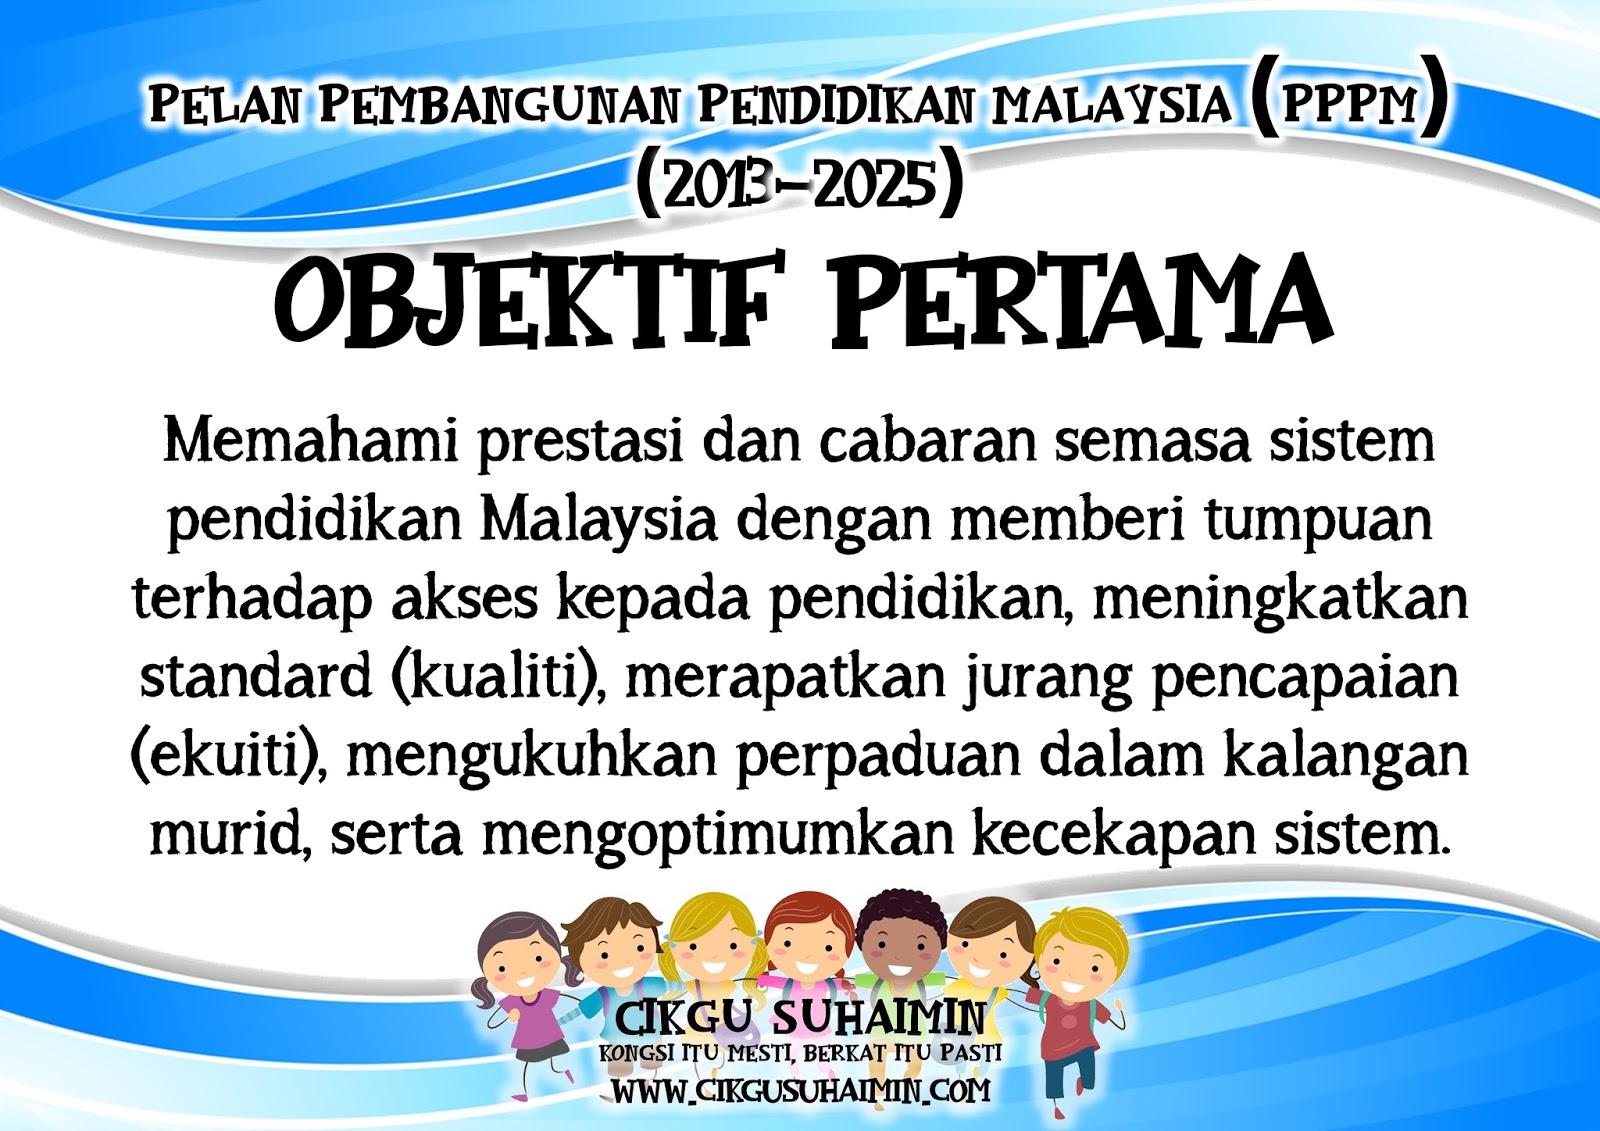 3 Objektif Pelan Pembangunan Pendidikan Malaysia Pppm 2013 2025